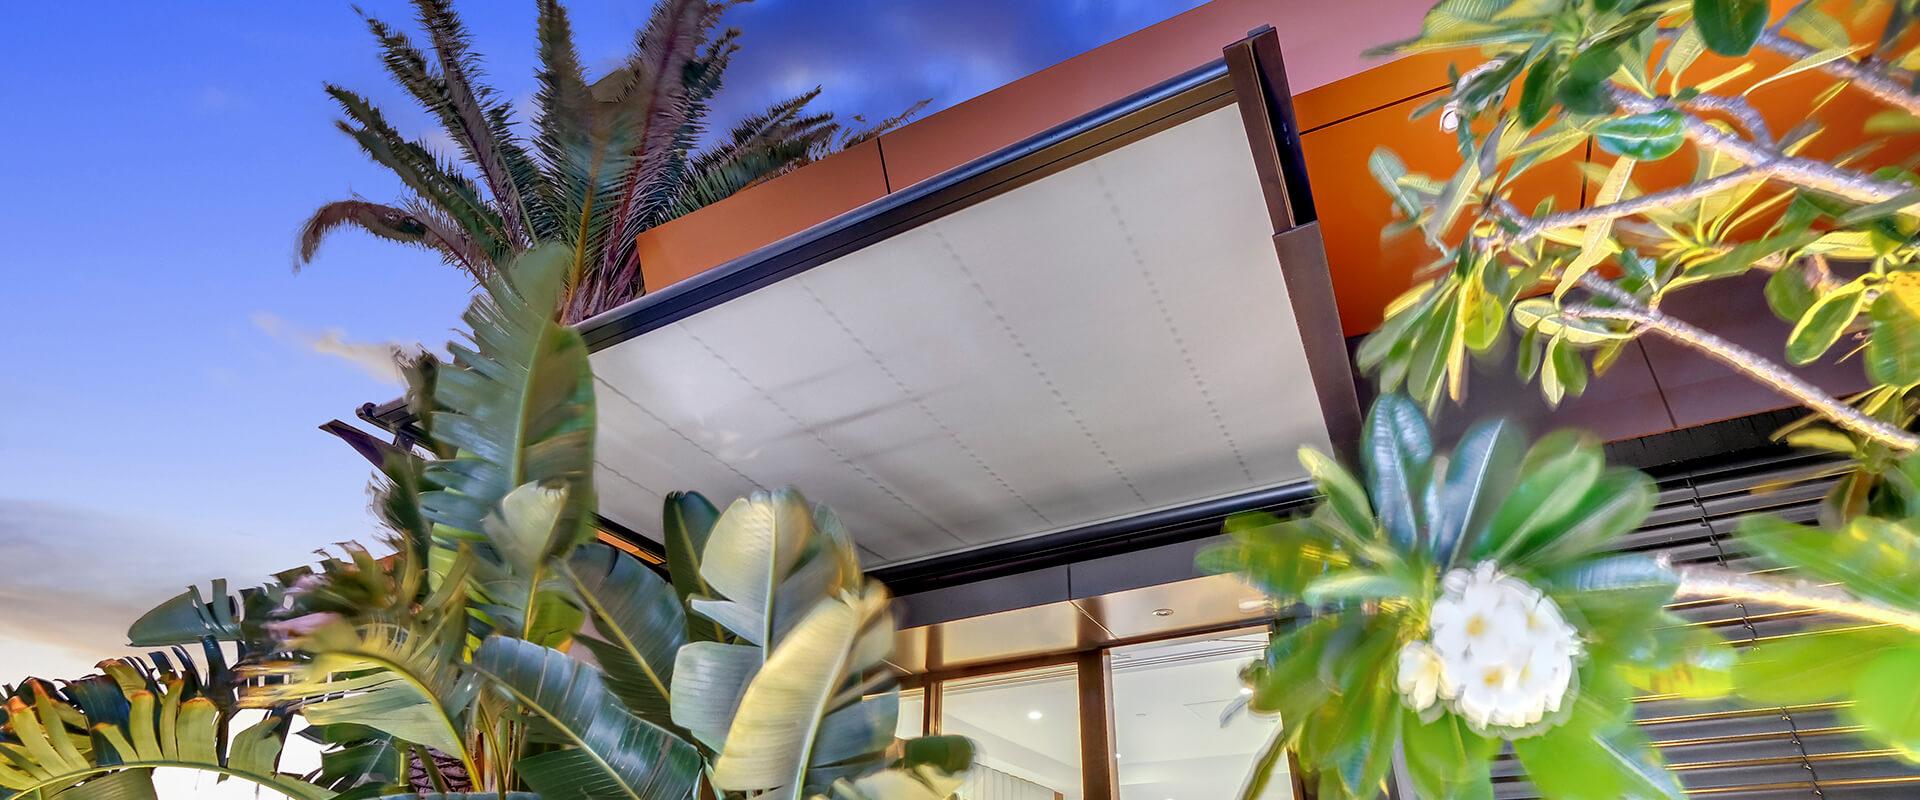 Brisbane markilux 8800 - Emporium folding arm awning for luxury hotel